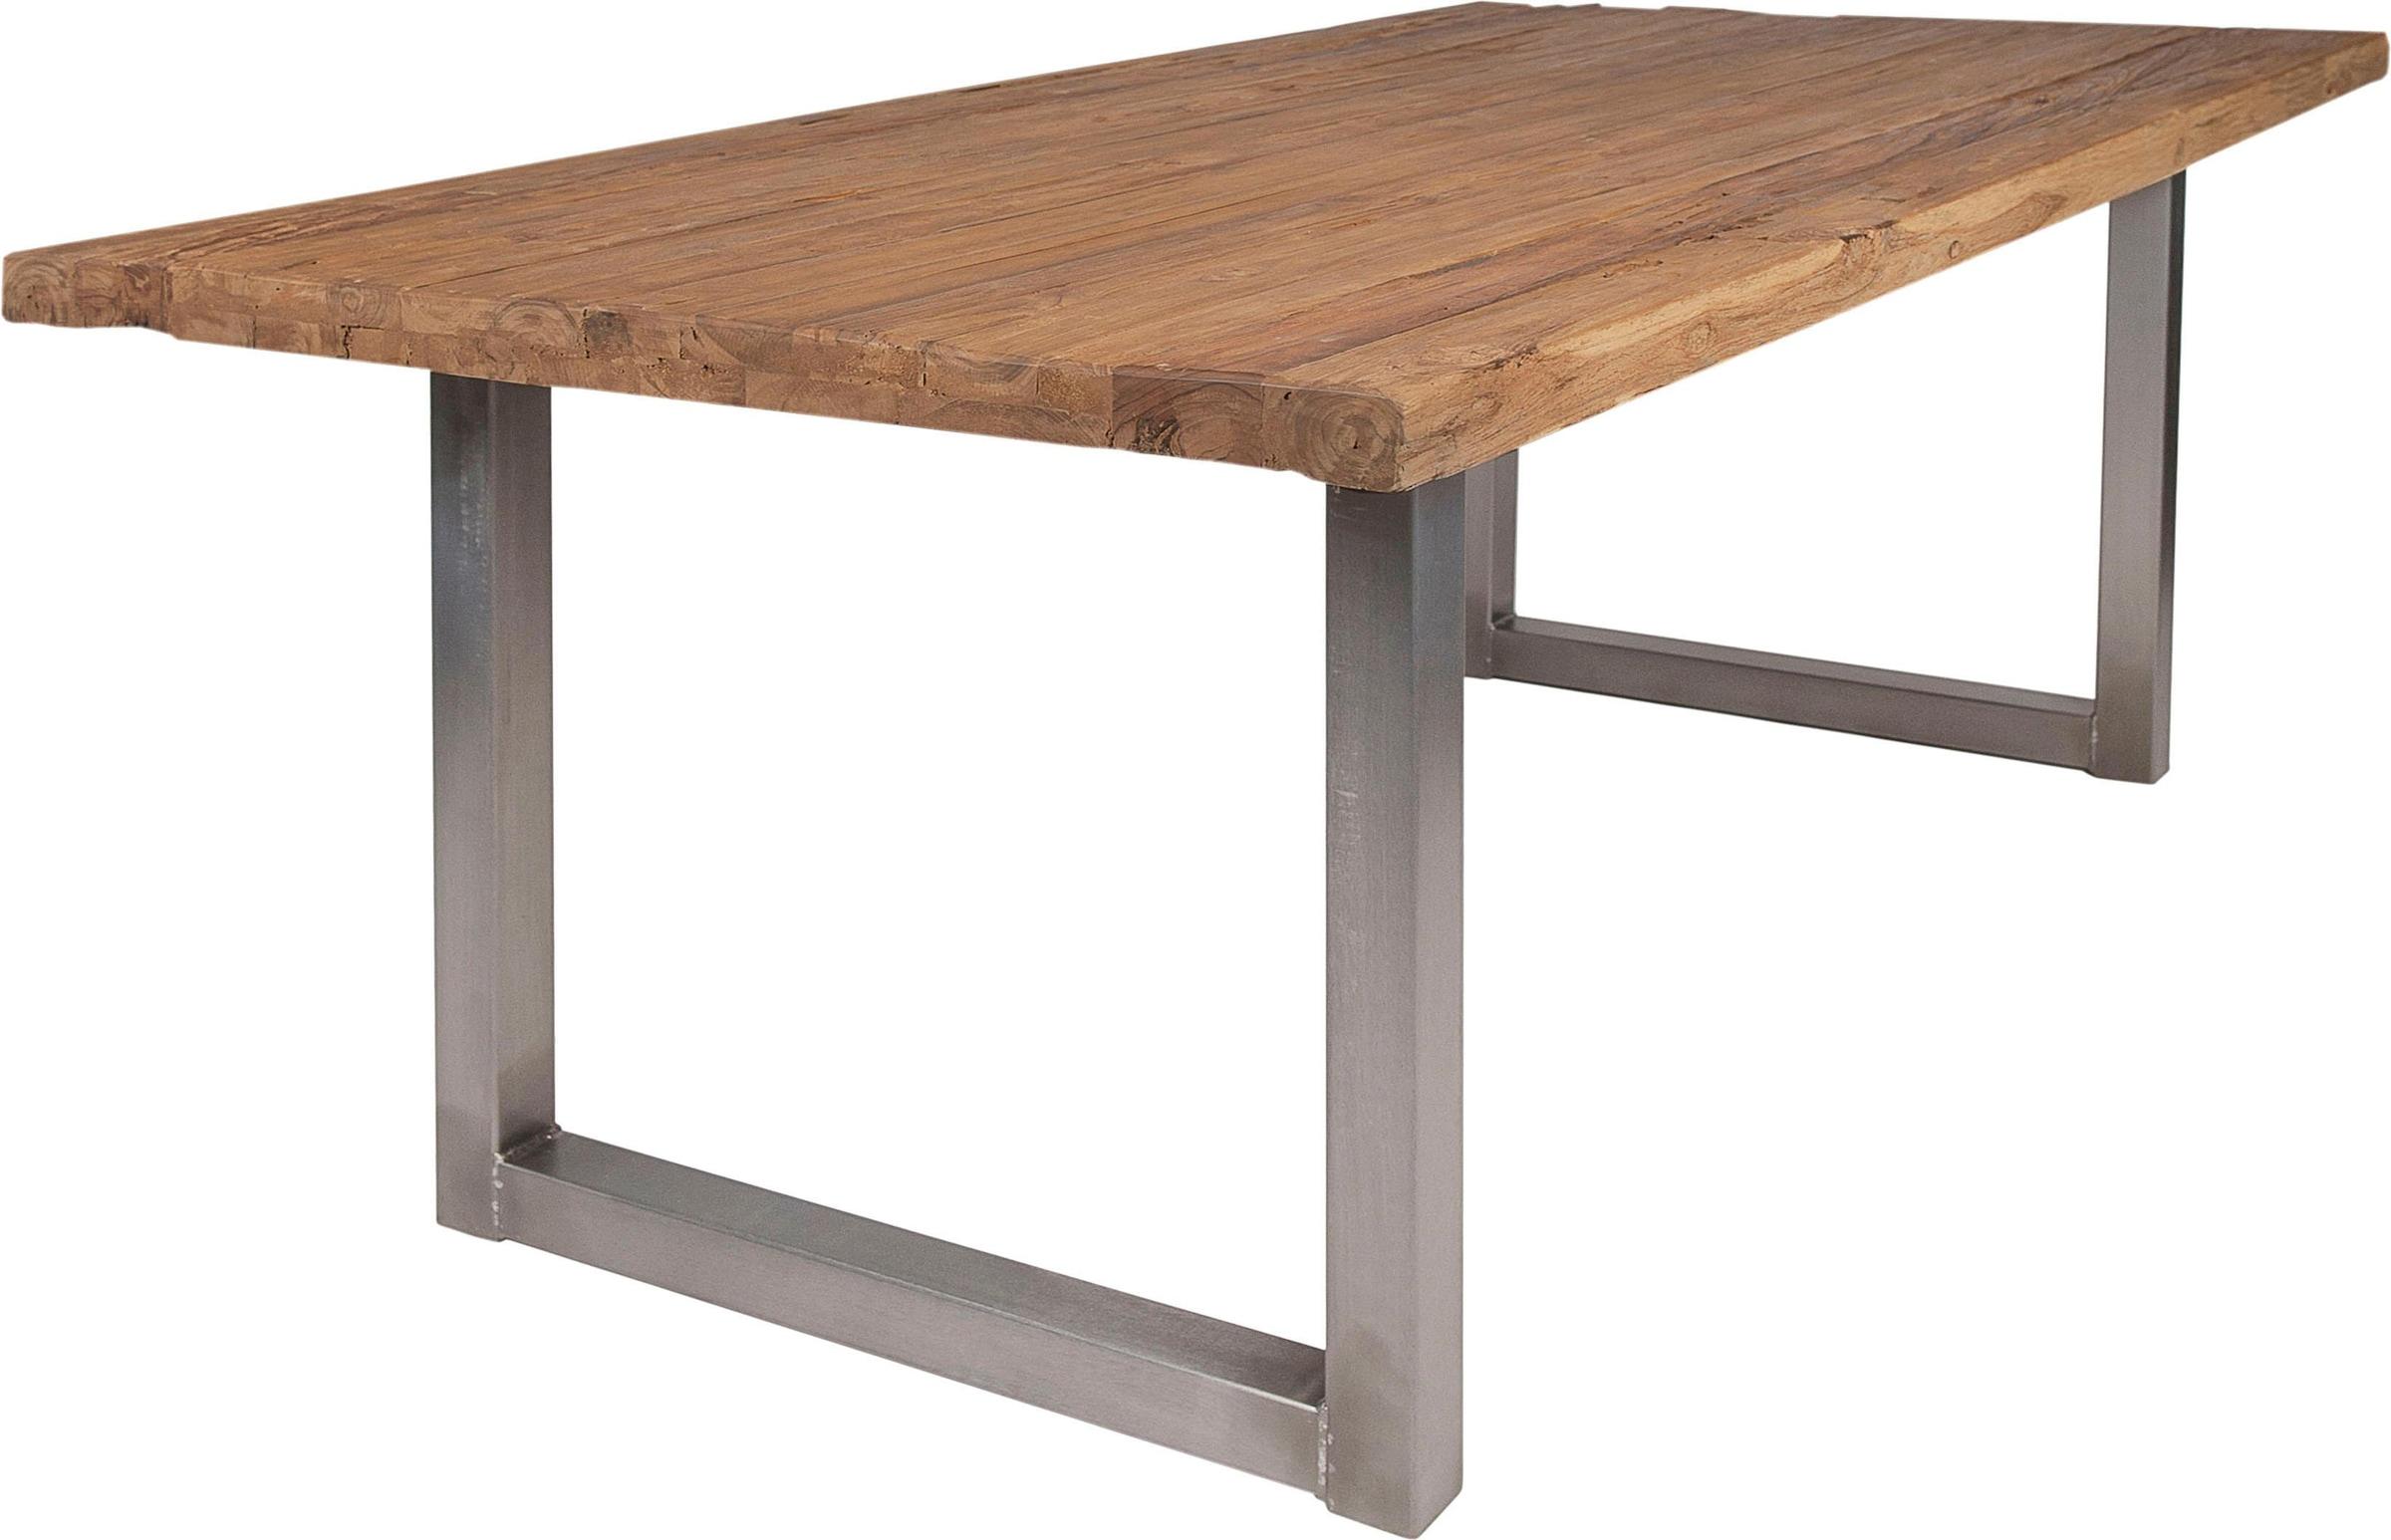 Outdoor Küche Aus Altem Holz : Silberfarben altholz esstische online kaufen möbel suchmaschine